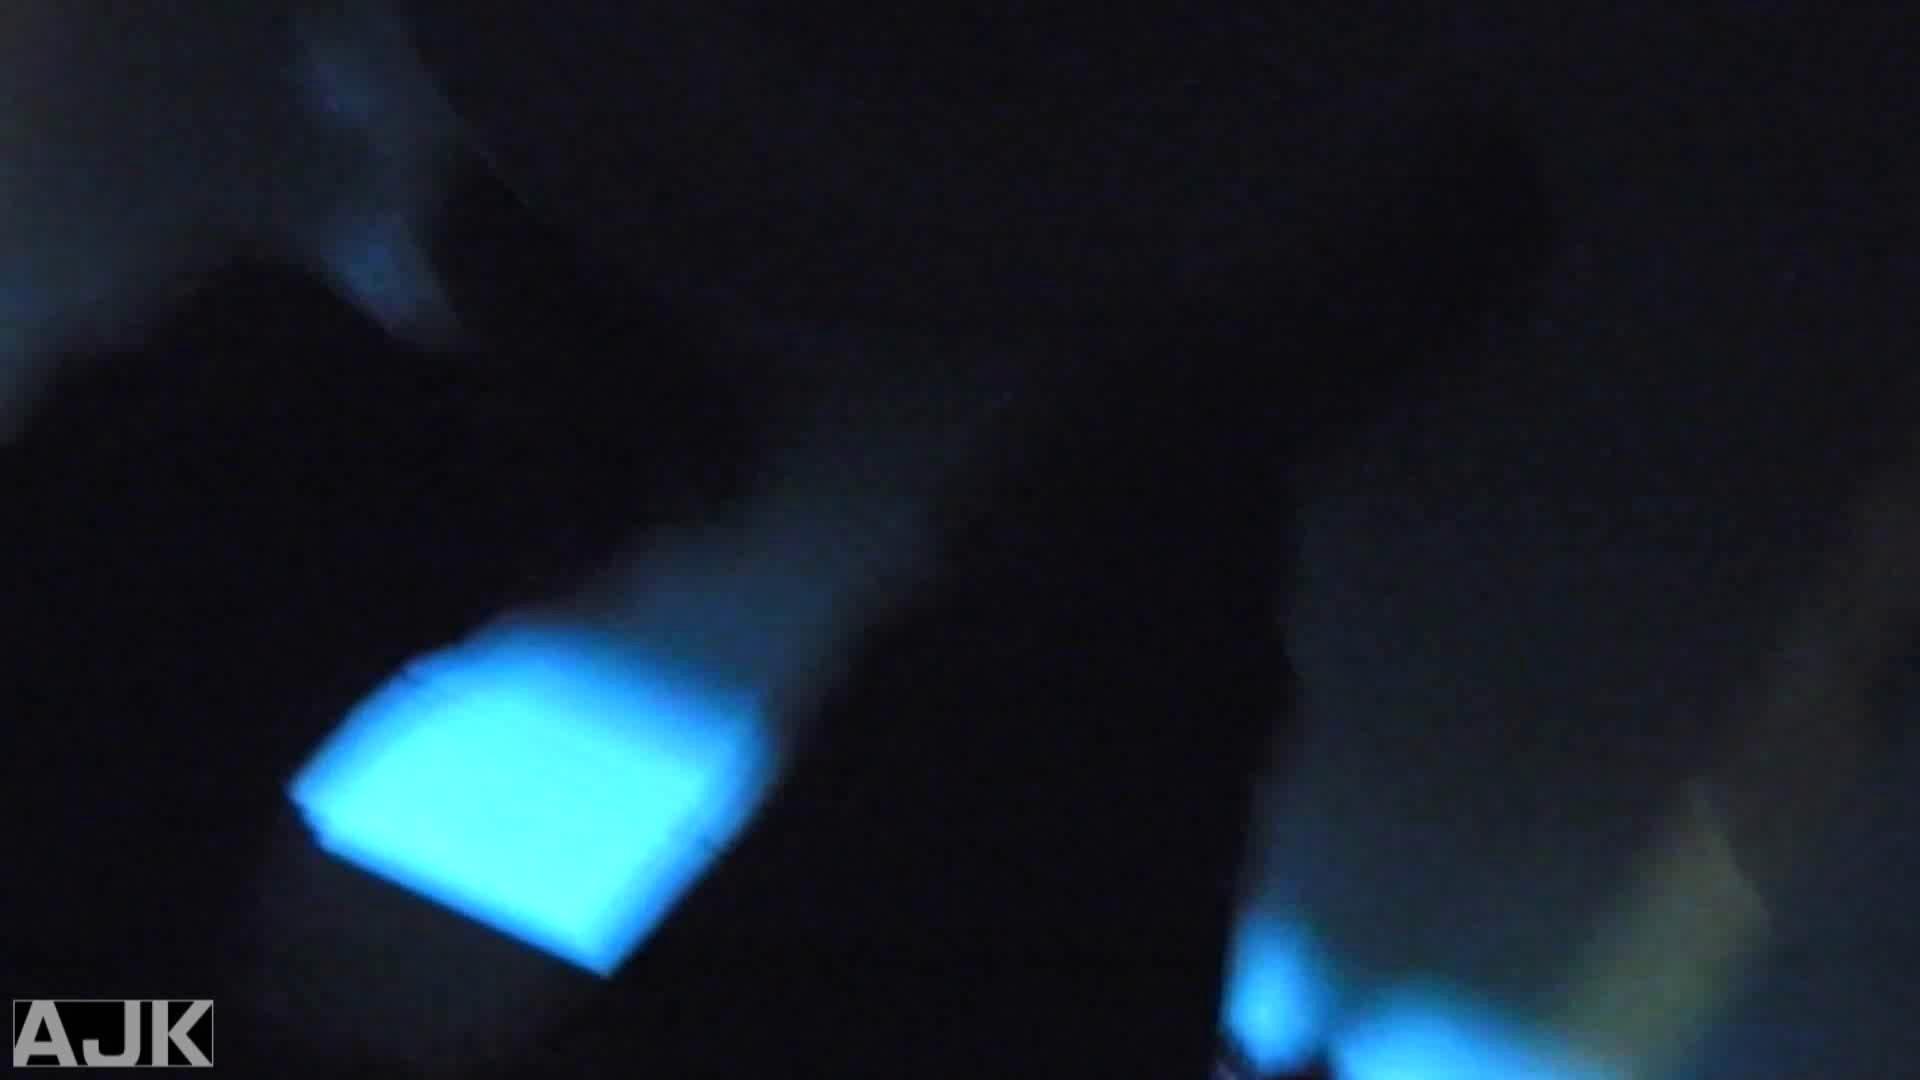 神降臨!史上最強の潜入かわや! vol.22 潜入突撃 隠し撮りオマンコ動画紹介 96pic 52